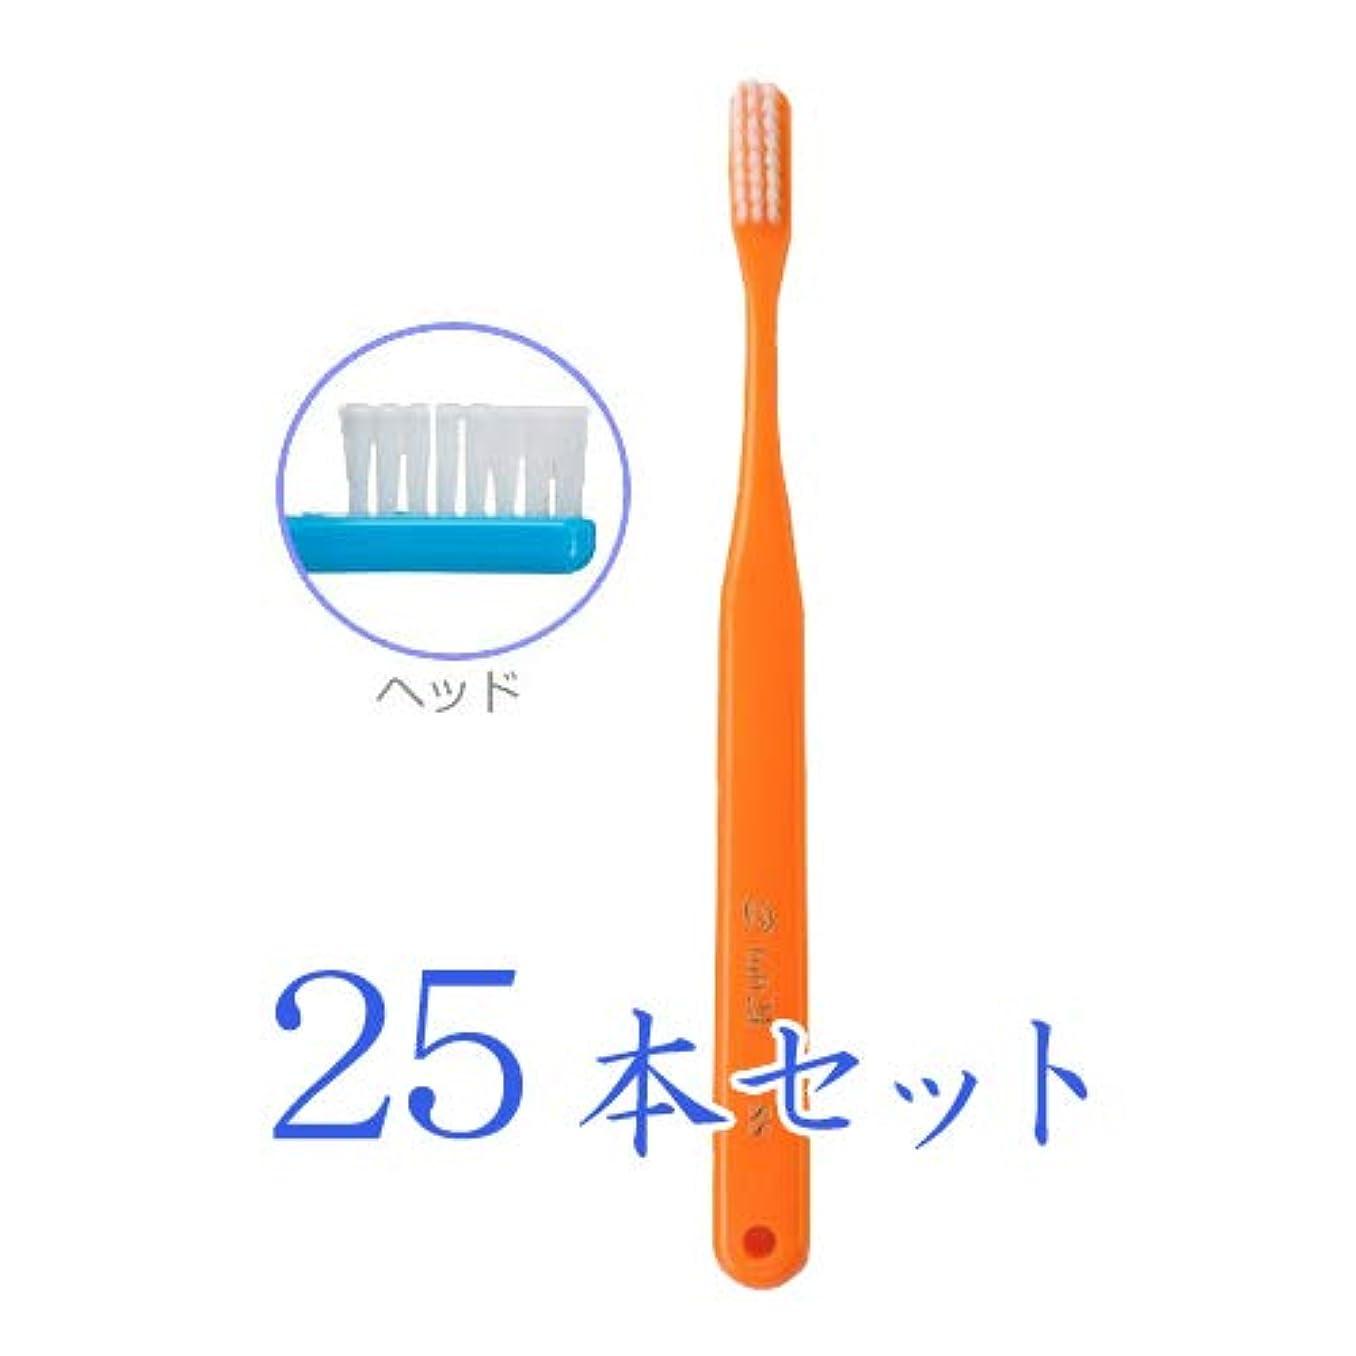 失礼な特にくつろぎオーラルケア タフト 24 歯ブラシ SS キャップなし 25本入 オレンジ